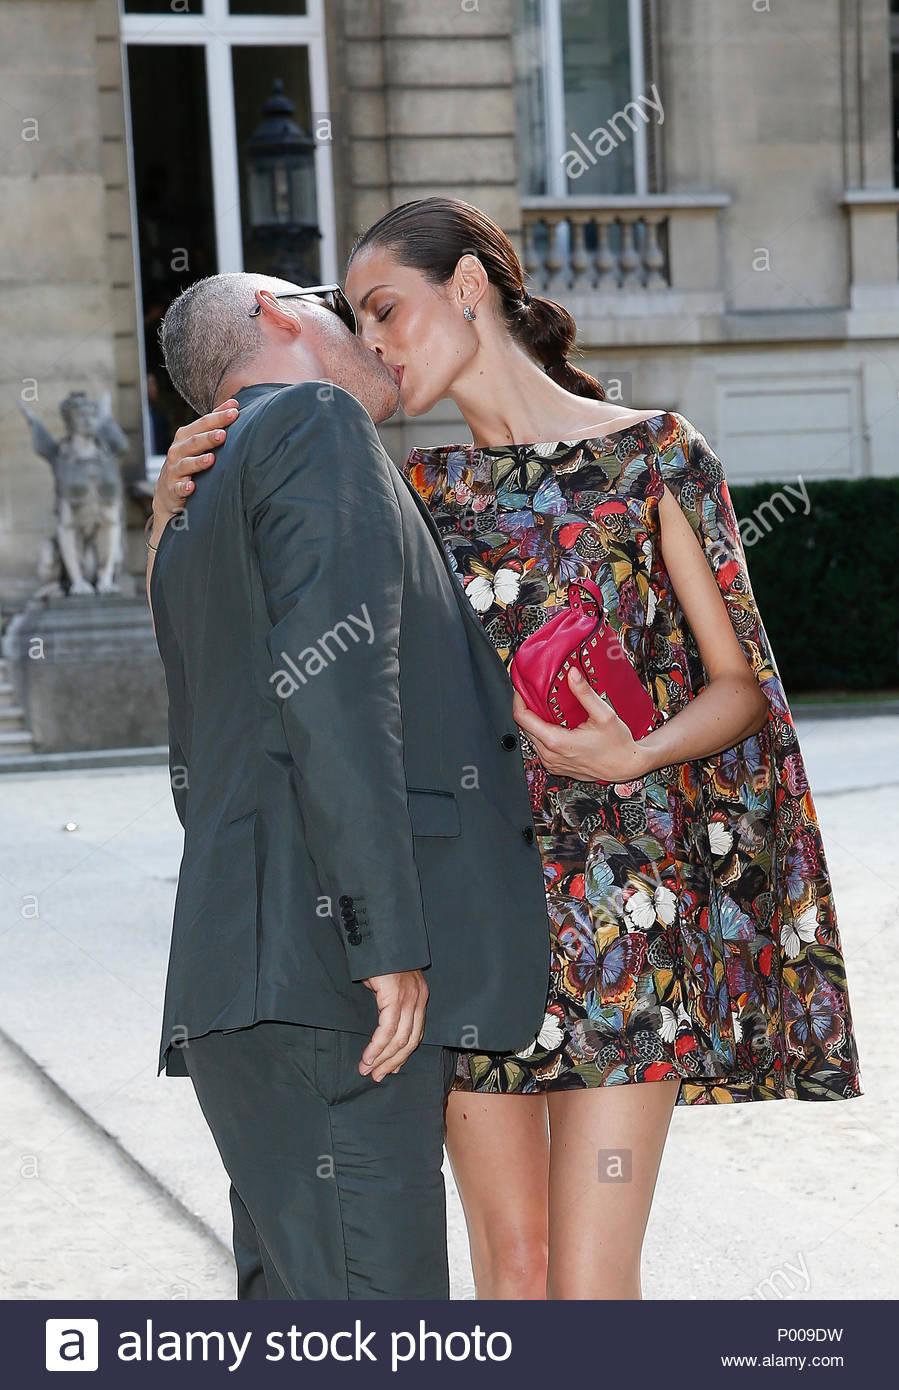 Celebrites Marica Pellegrinelli nude photos 2019